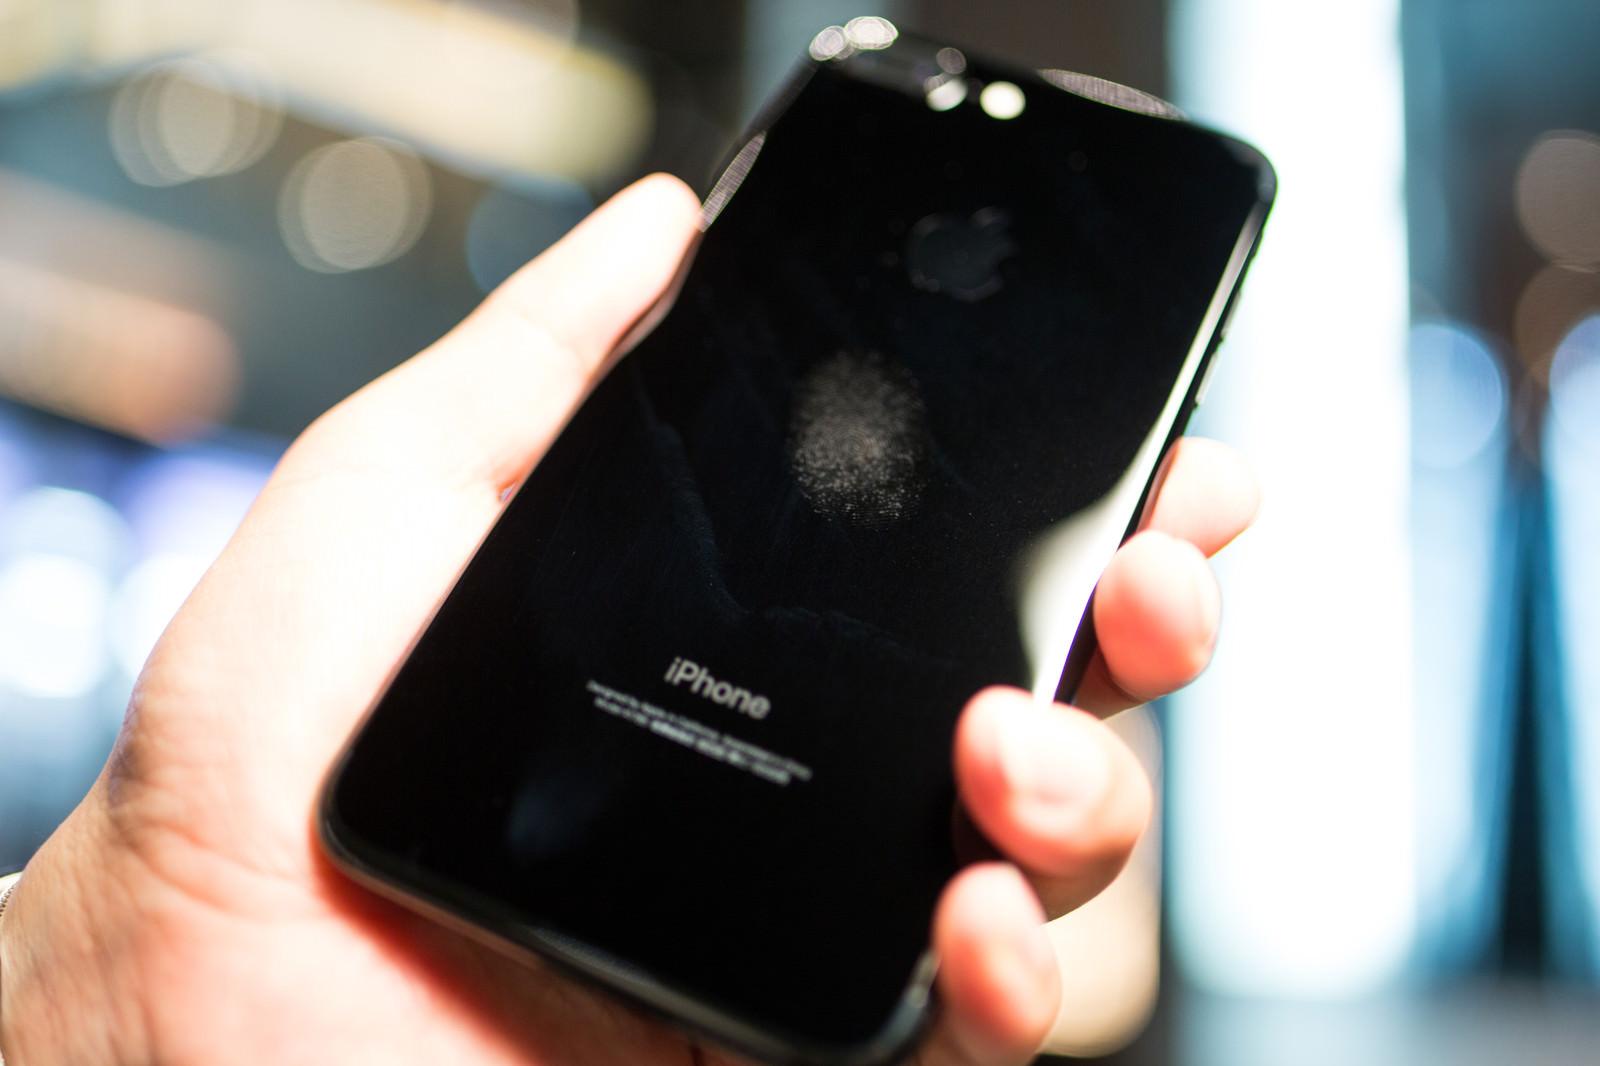 「汚れが目立つ光沢のスマートフォン」の写真